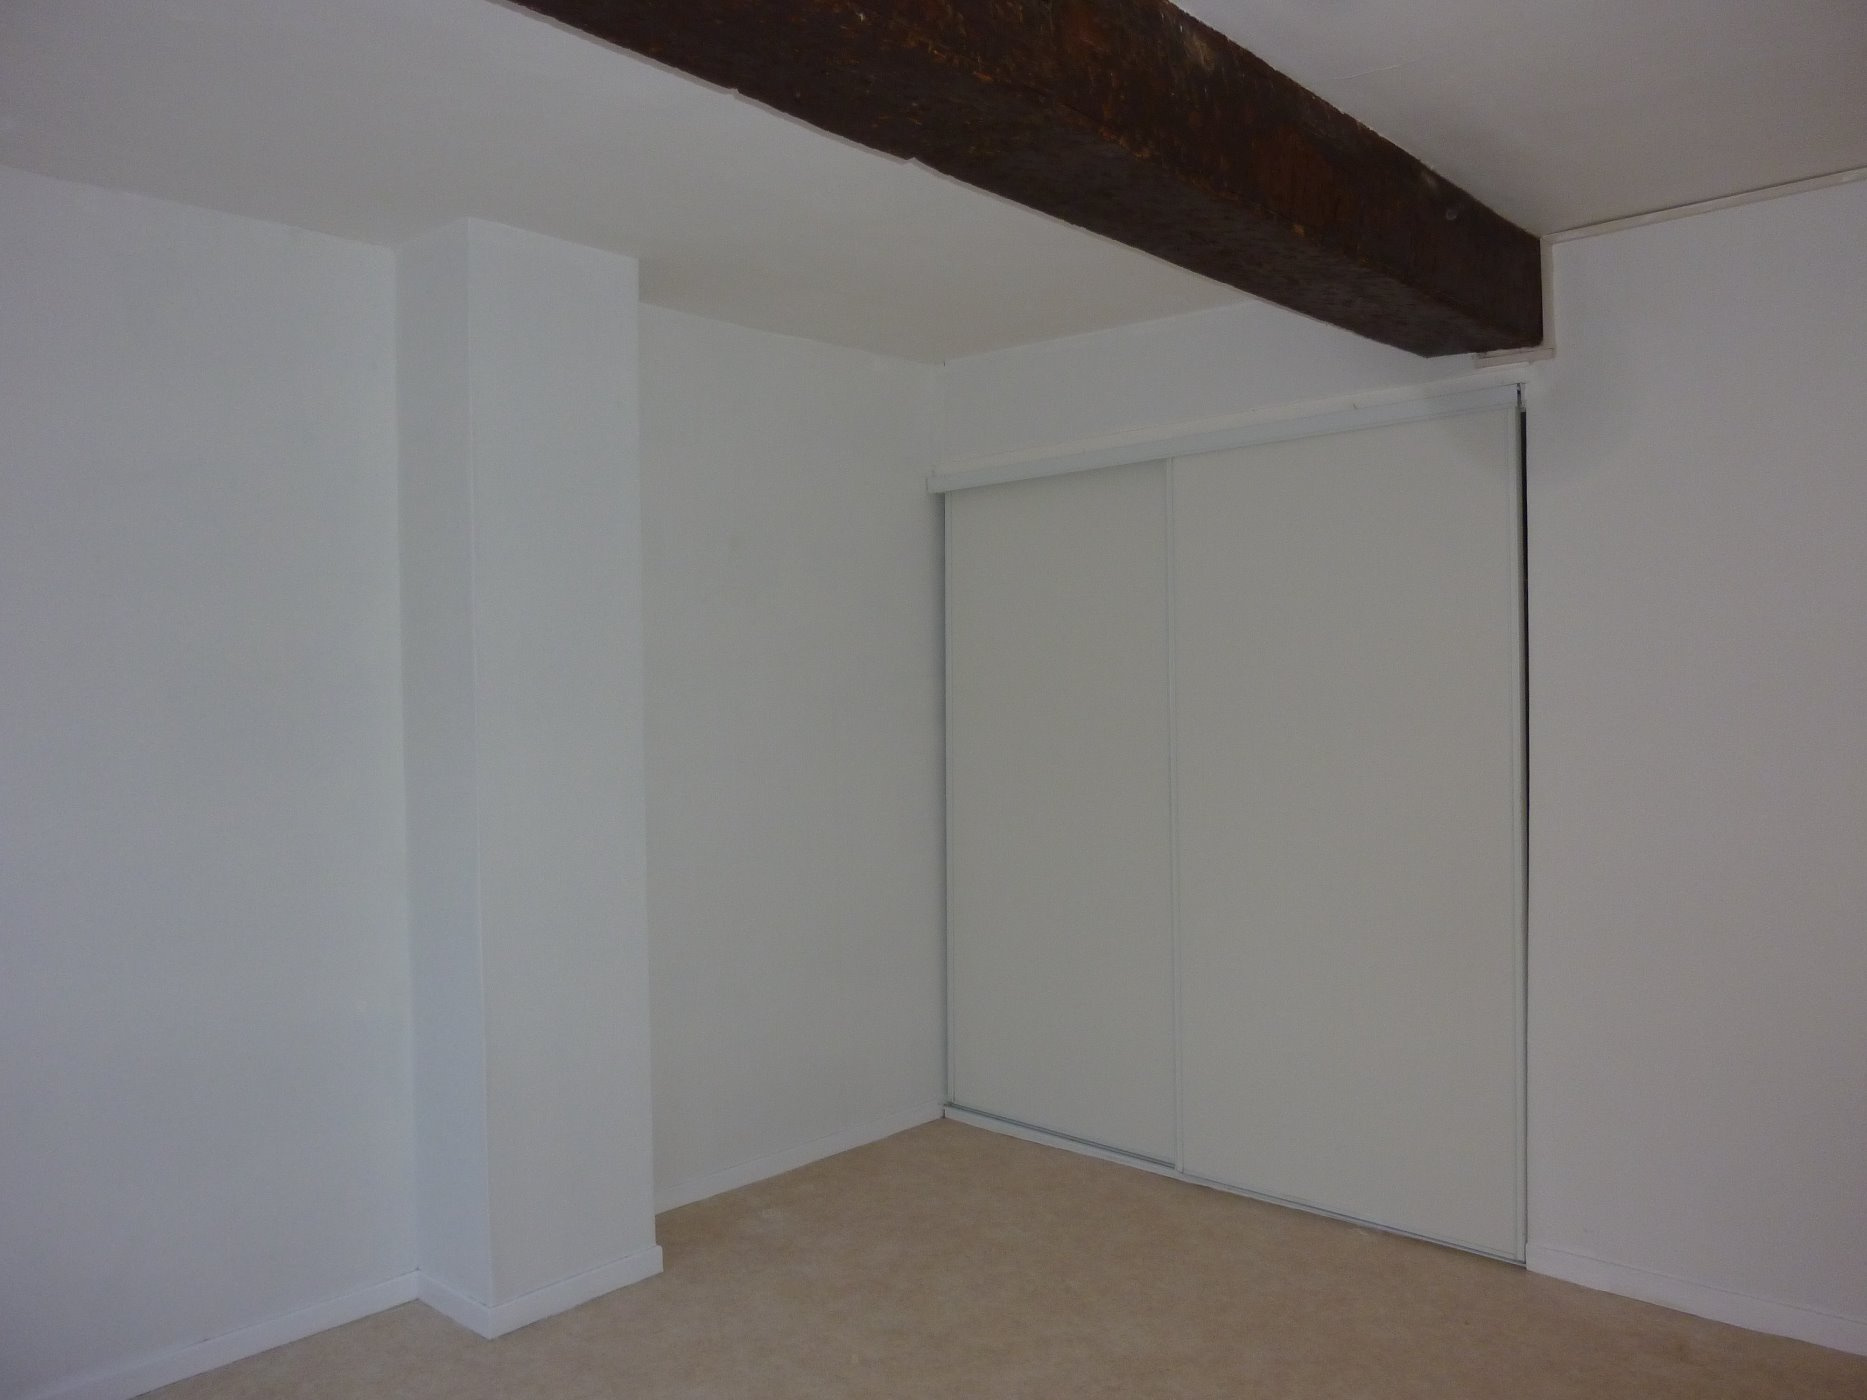 Chambre 2 (vue 2)